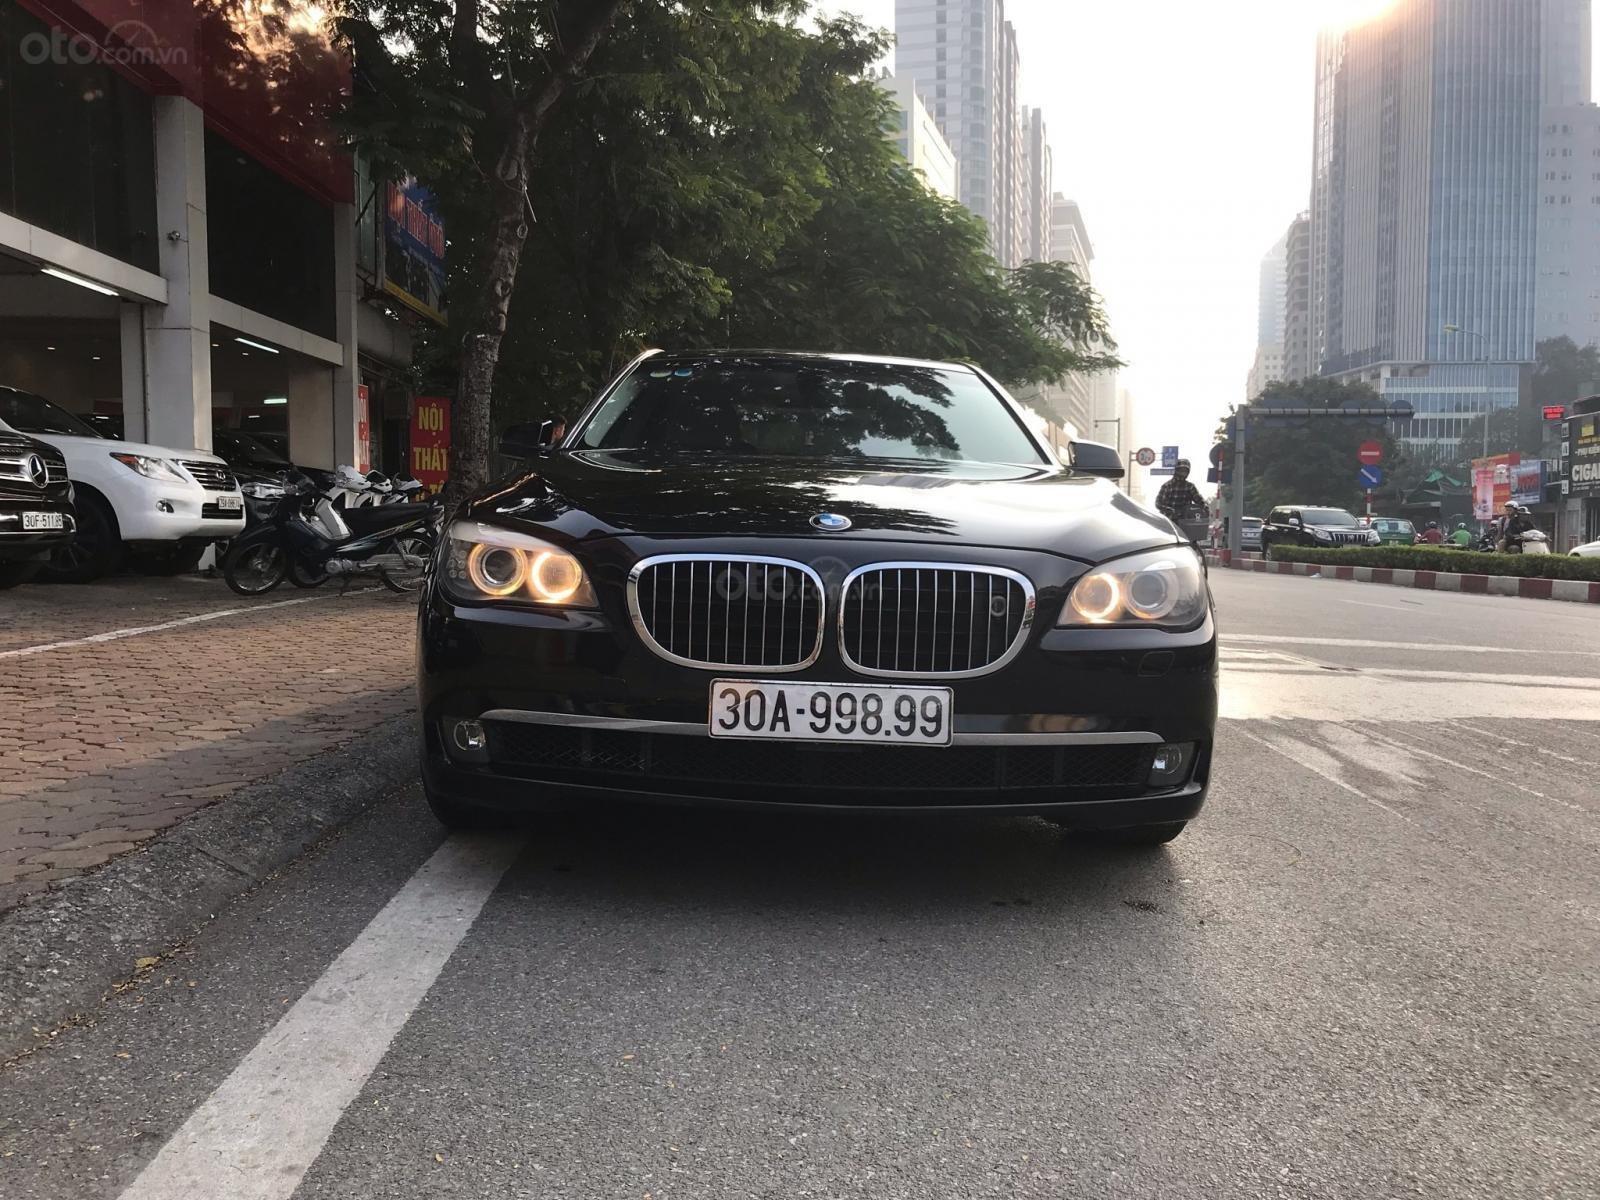 Cần bán BMW 750Li 2009 ĐK lần đầu 2015 xe nhập khẩu Đức - Liên hệ 0985028888 (2)